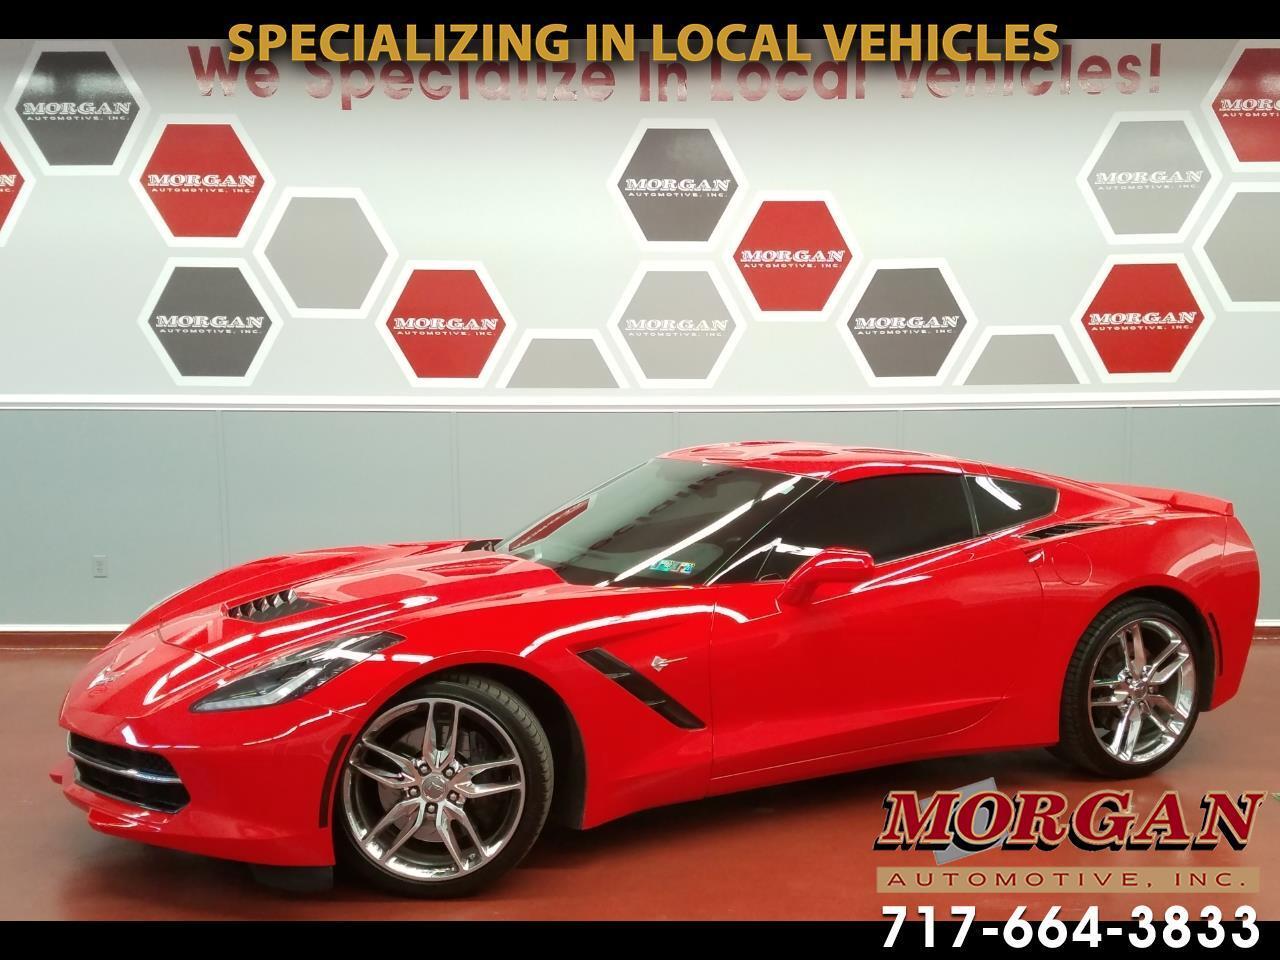 2014 Chevrolet Corvette Stingray Z51 1LT Coupe Automatic